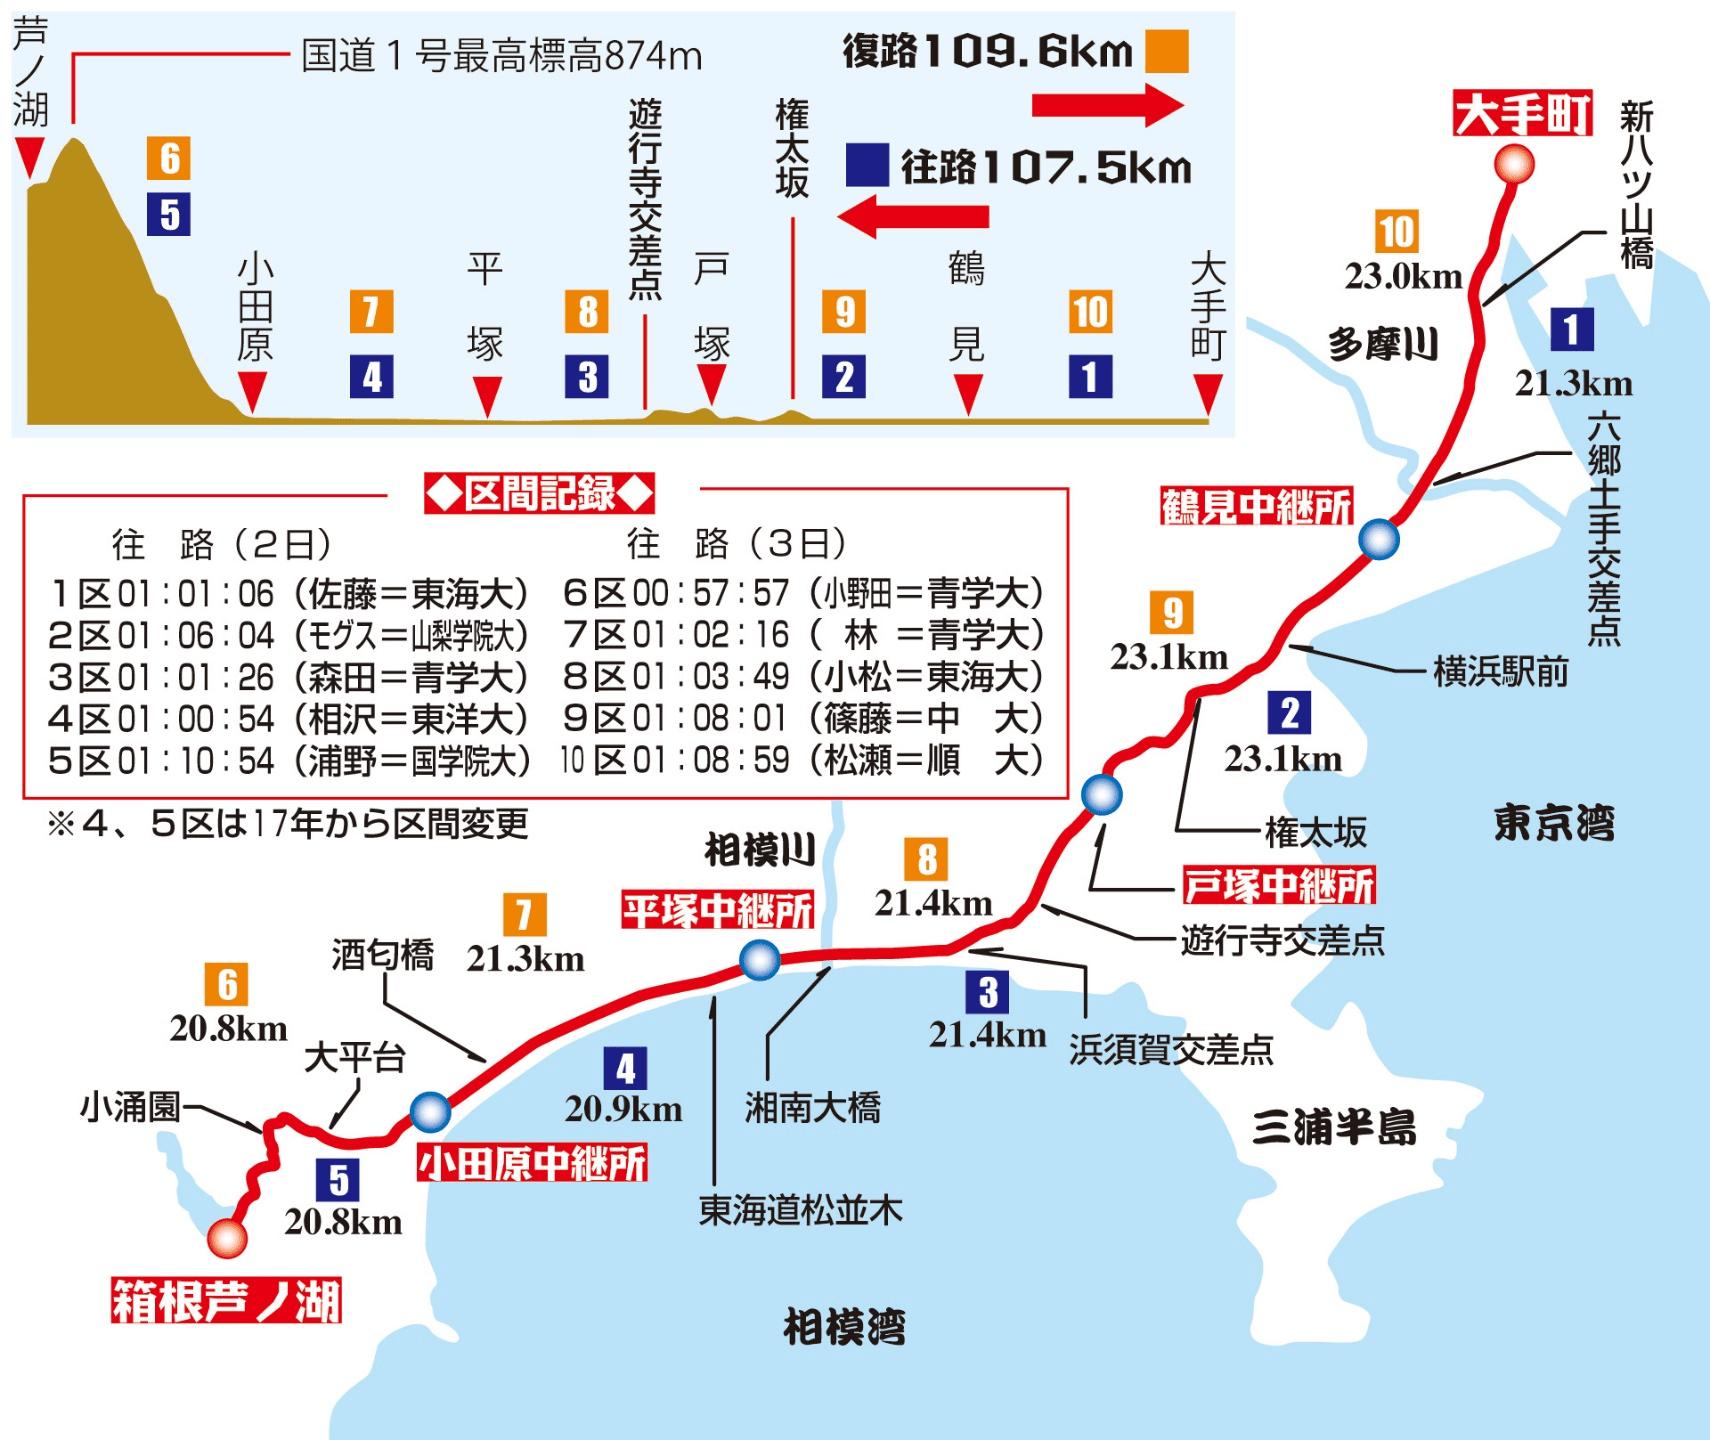 2020年箱根駅伝出場校の注目選手区別